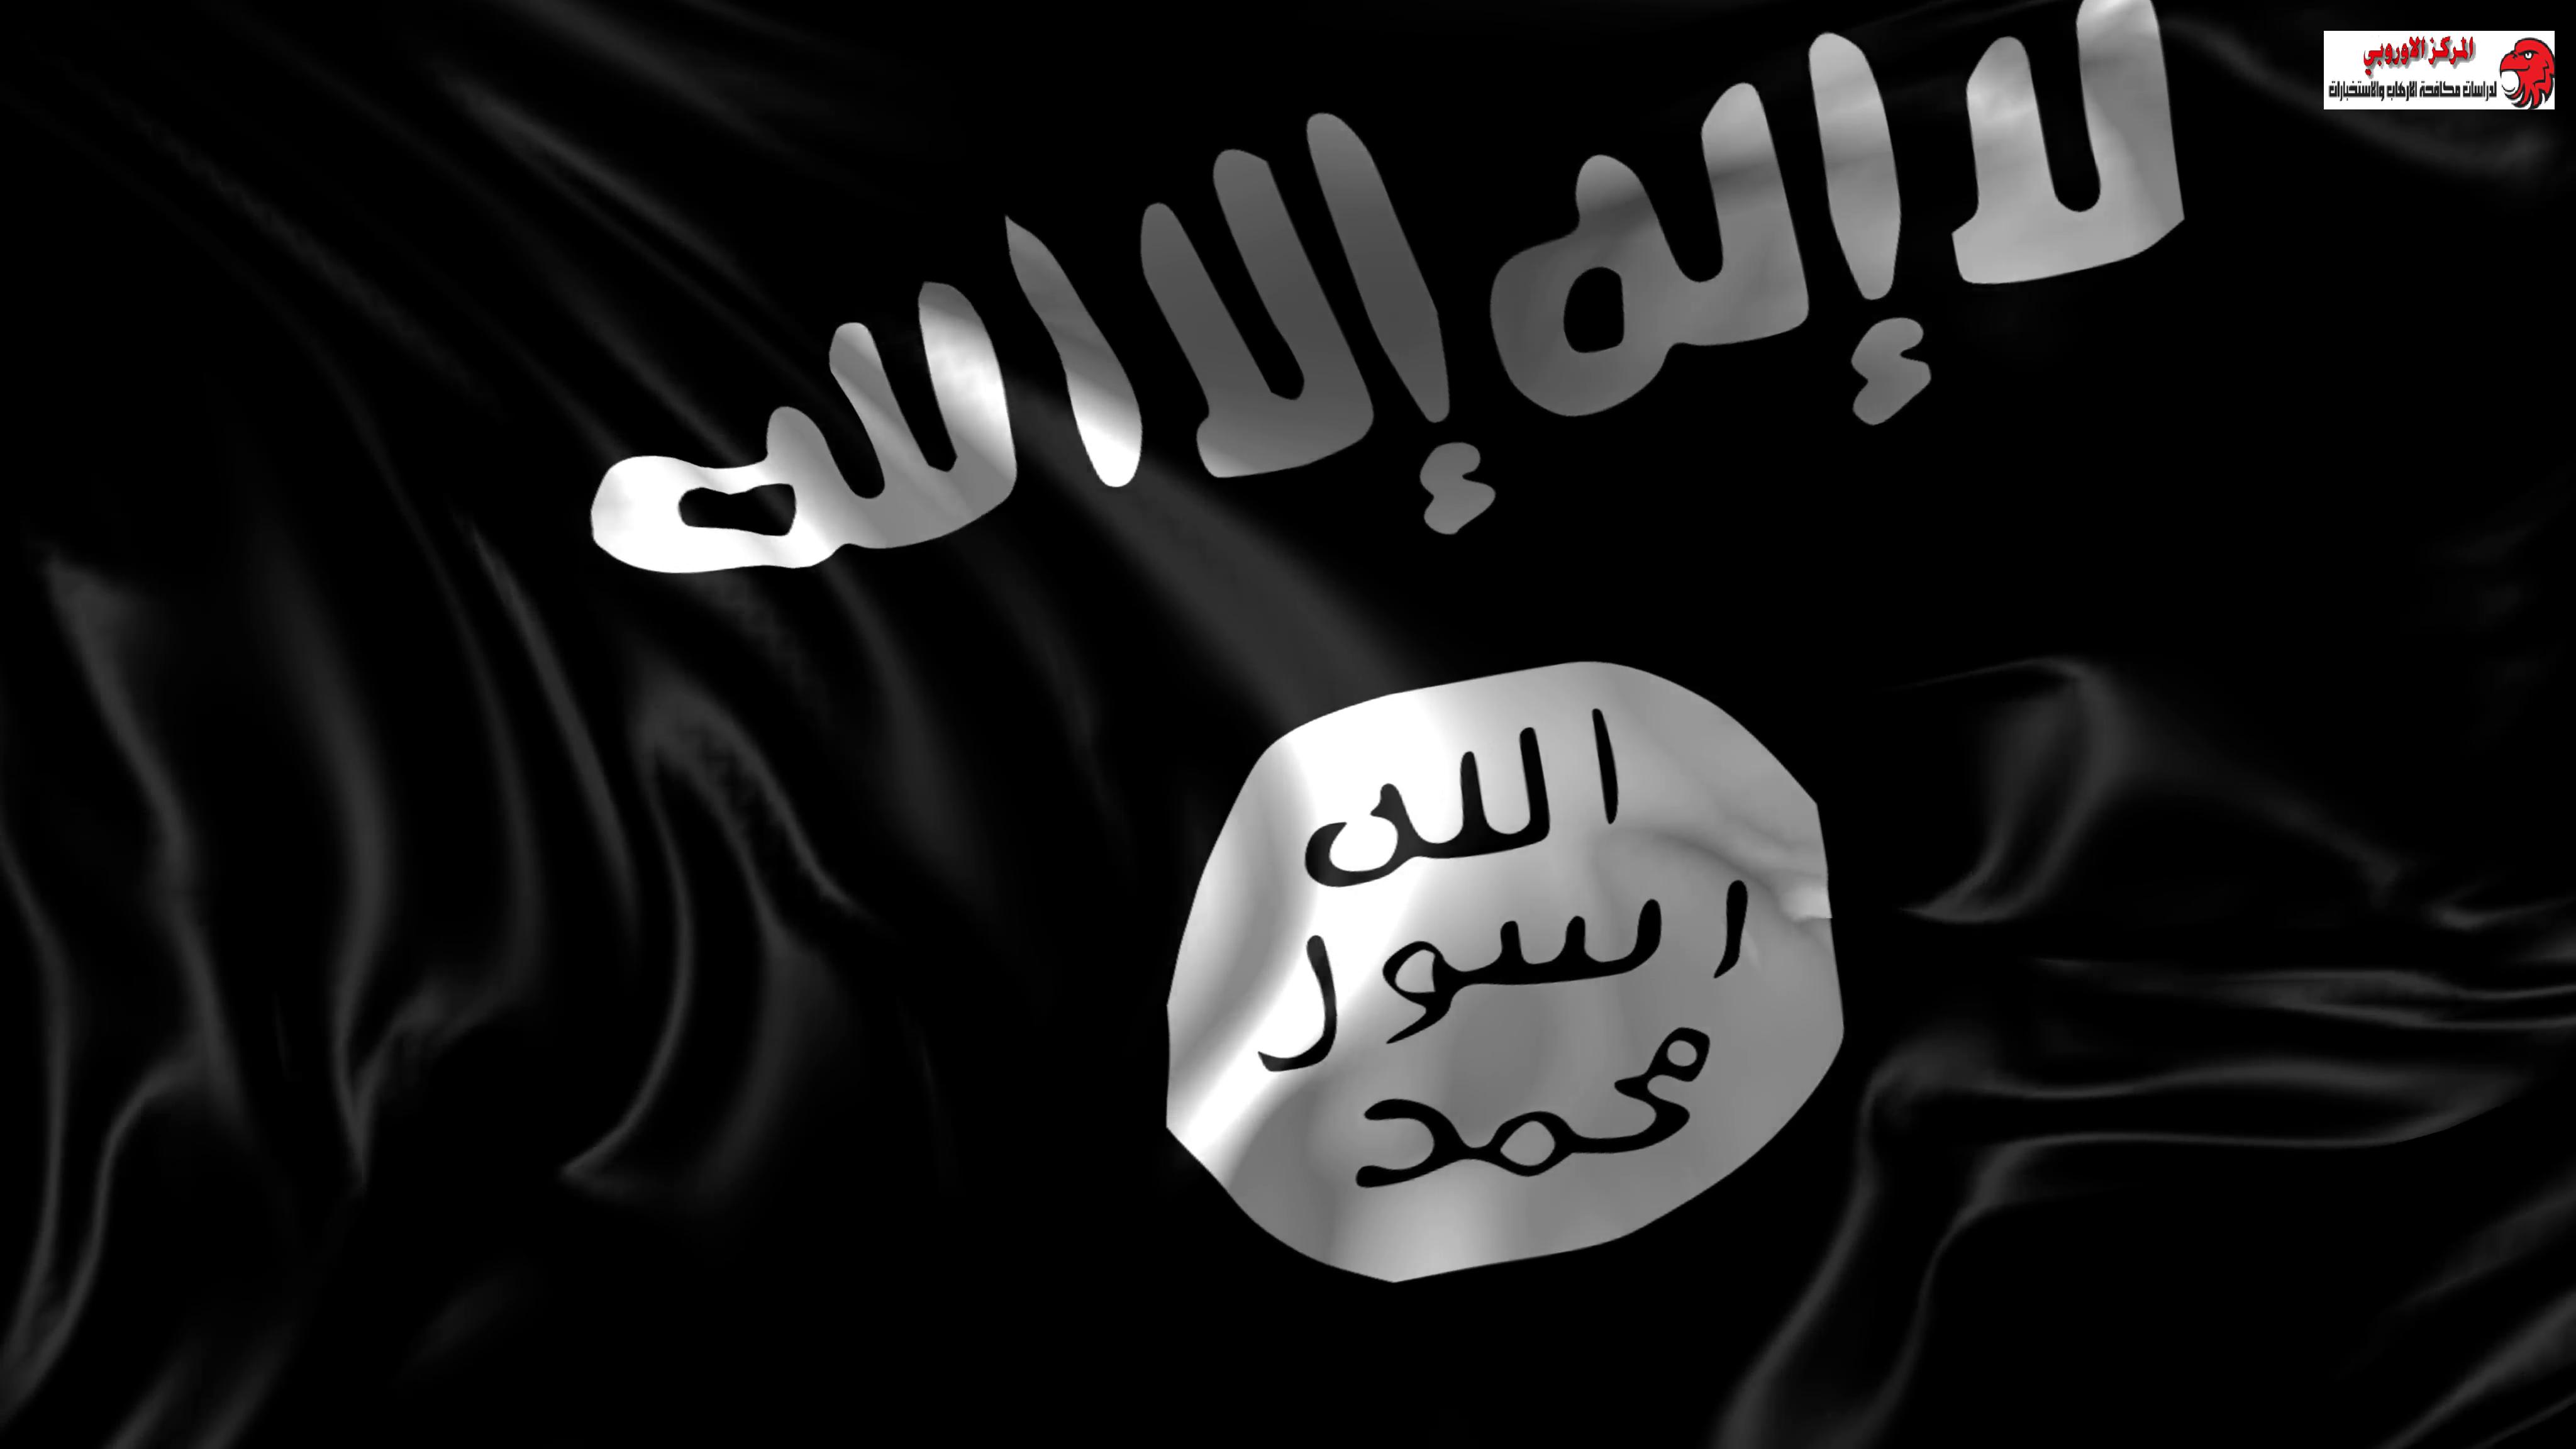 داعش يعود الى الحدود العراقية السورية .. المؤشرات والدلائل ! الدكتور عماد علو